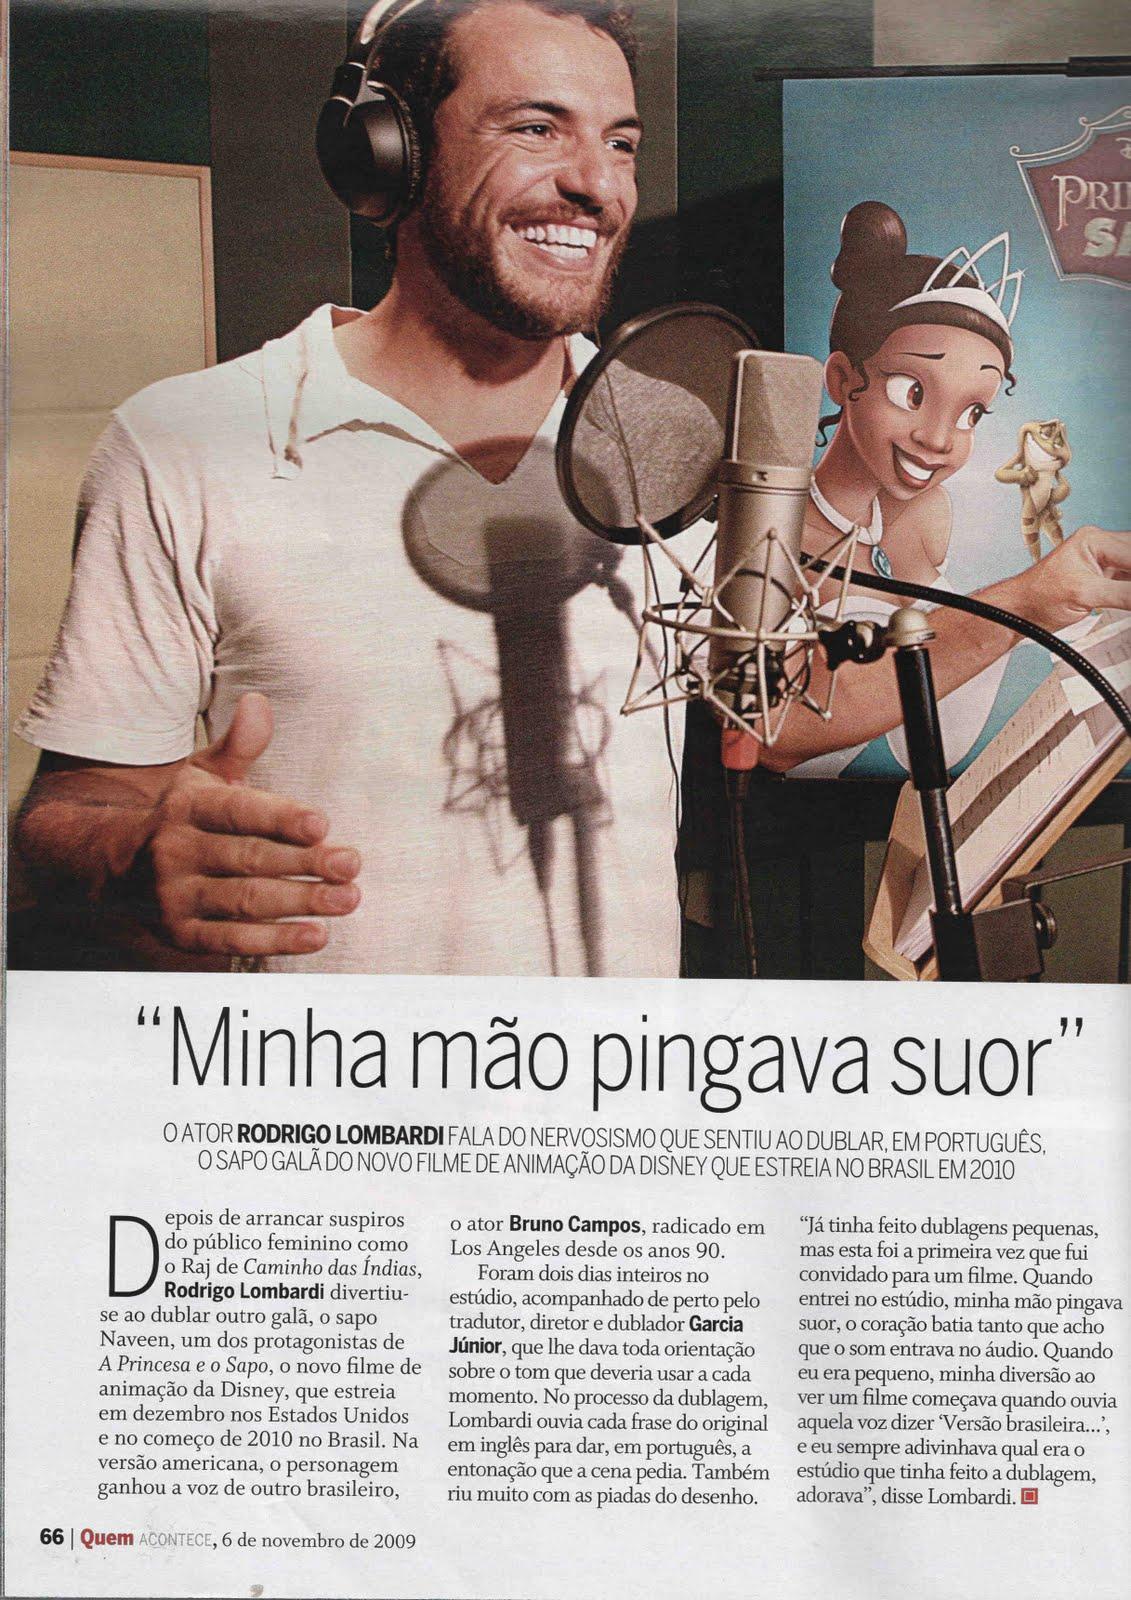 http://3.bp.blogspot.com/_wg3BmAj-bsI/SwIJJ2wrXFI/AAAAAAAAMa0/eP4t67MpAhM/s1600/Quem_Rodrigo+Lombardi.jpg